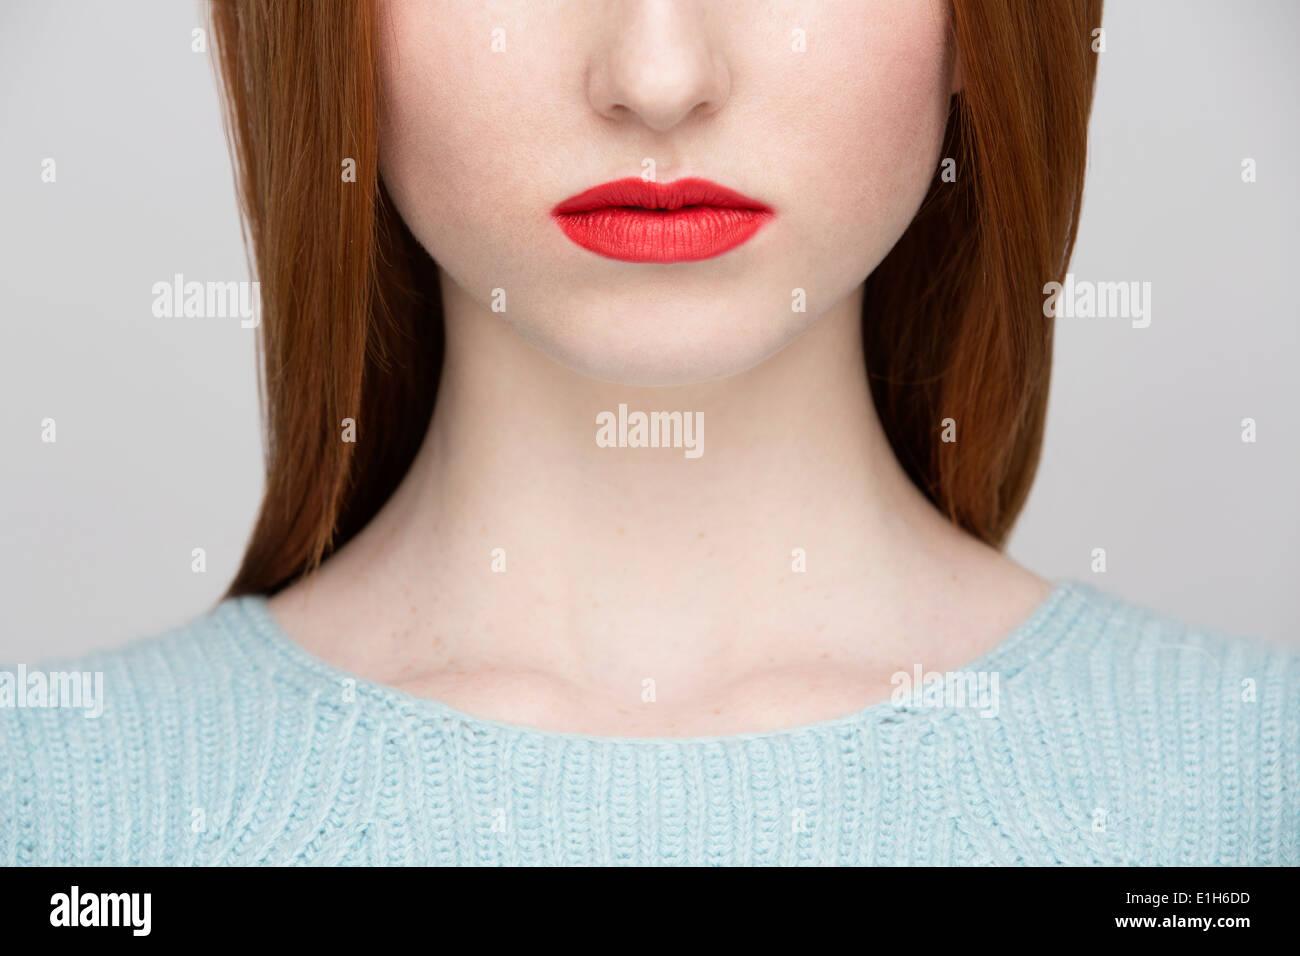 Immagine ritagliata della giovane donna di labbra Immagini Stock